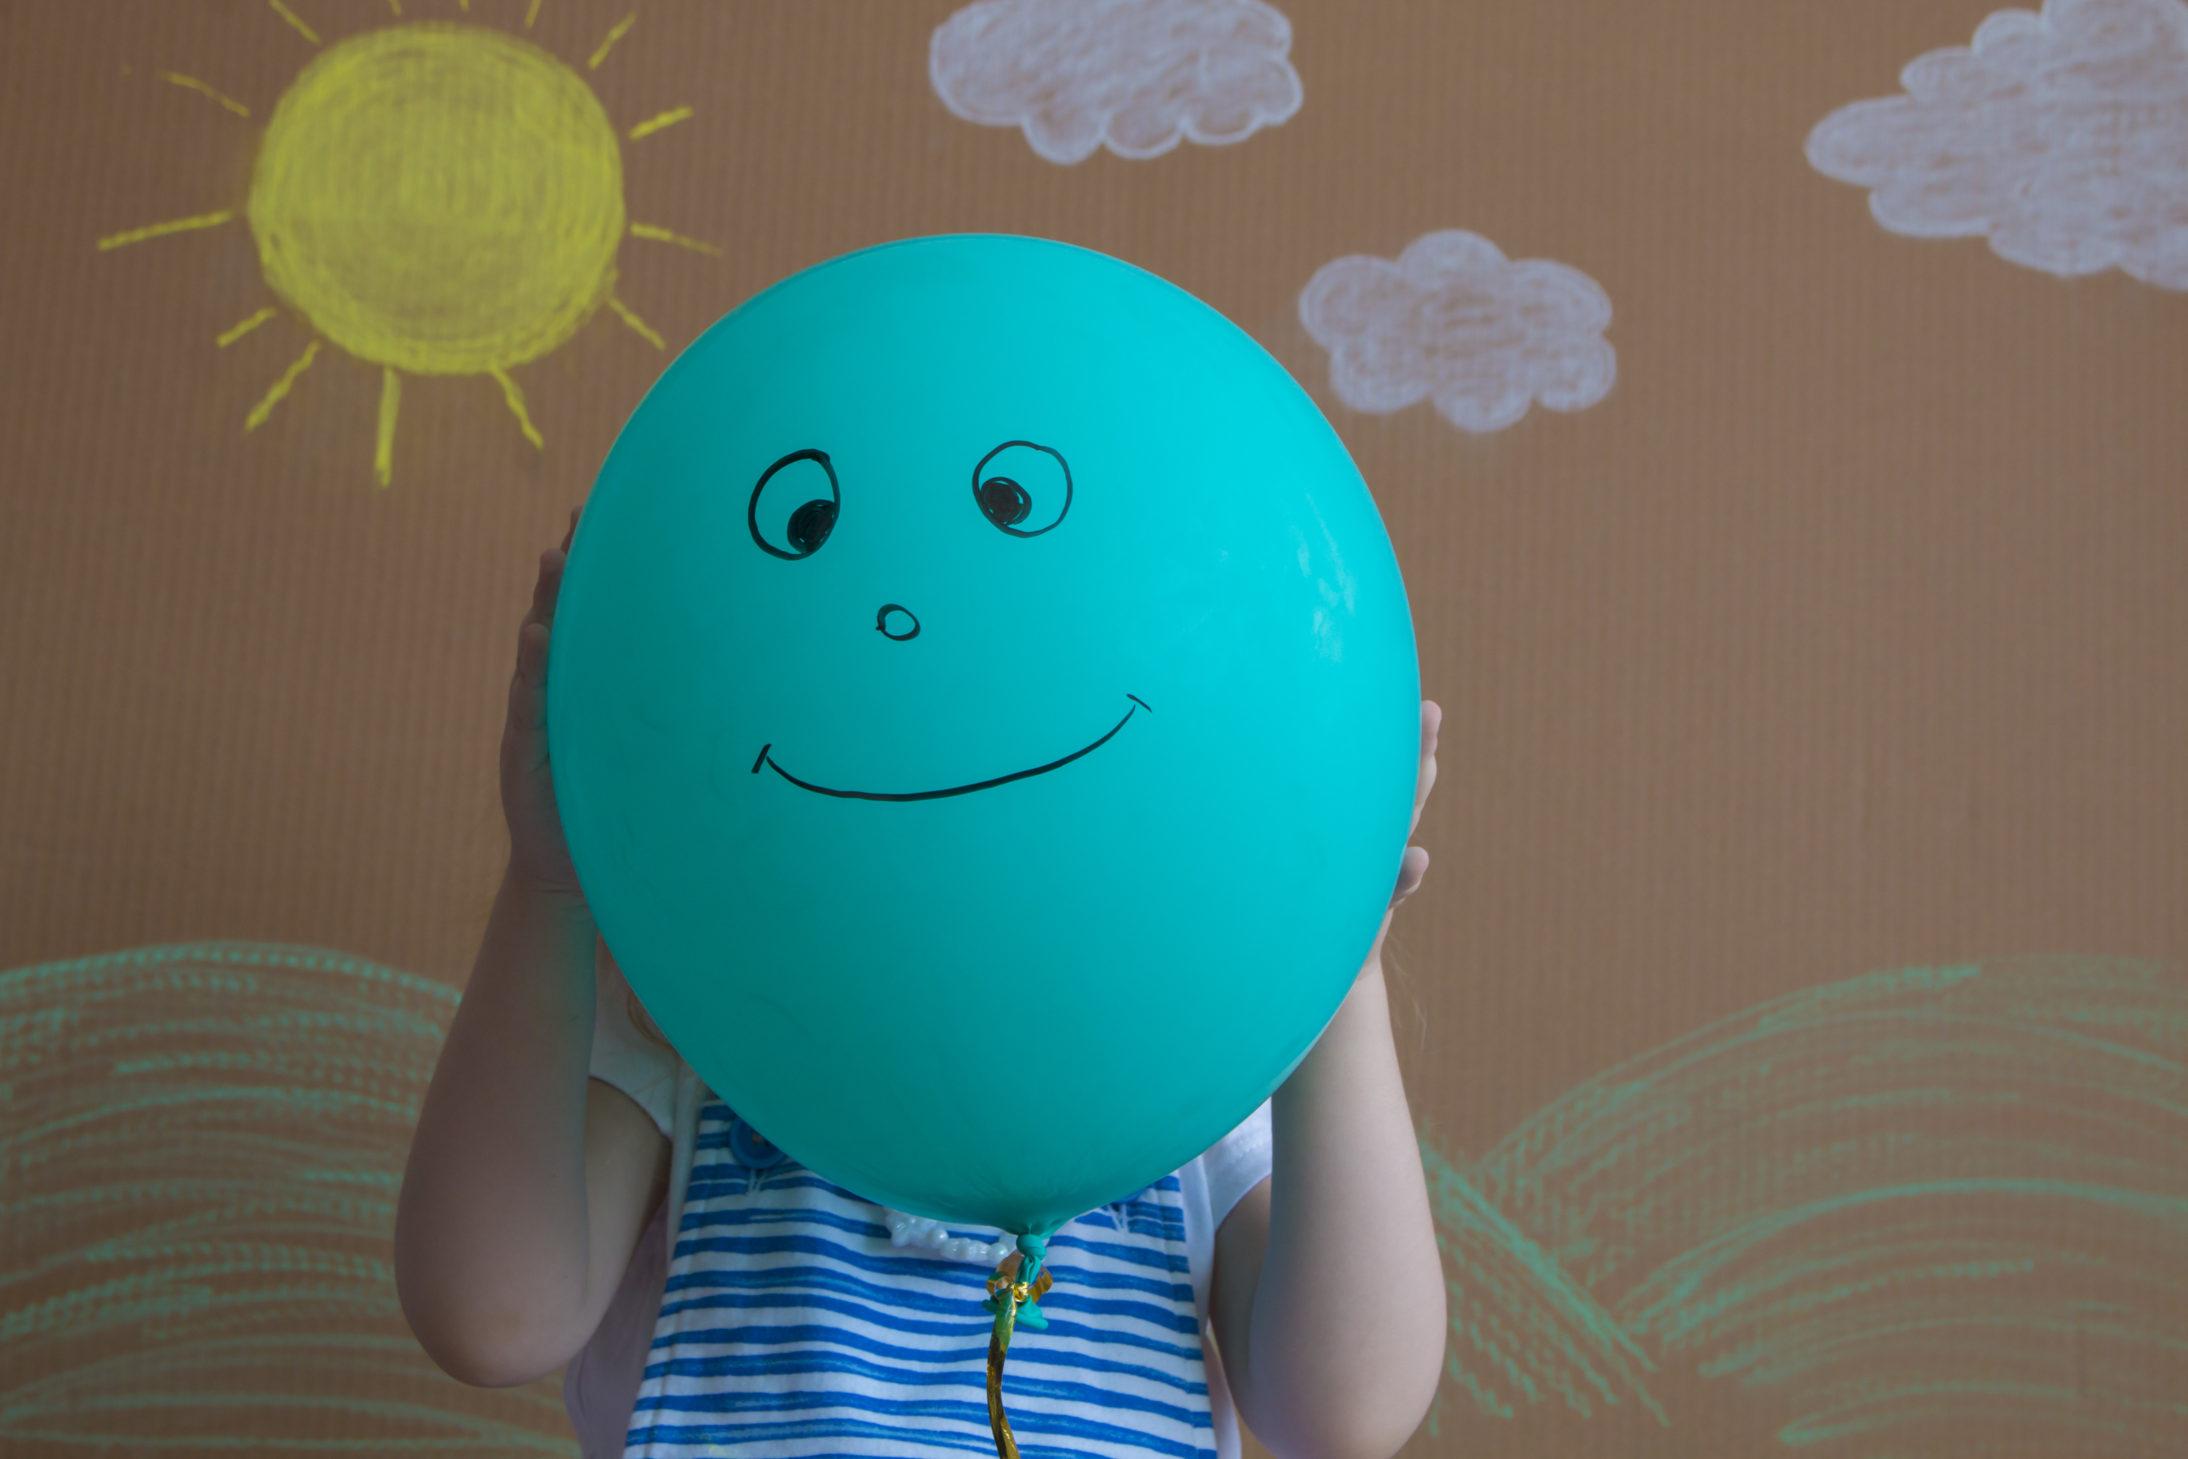 dessin ballon e1595512225695